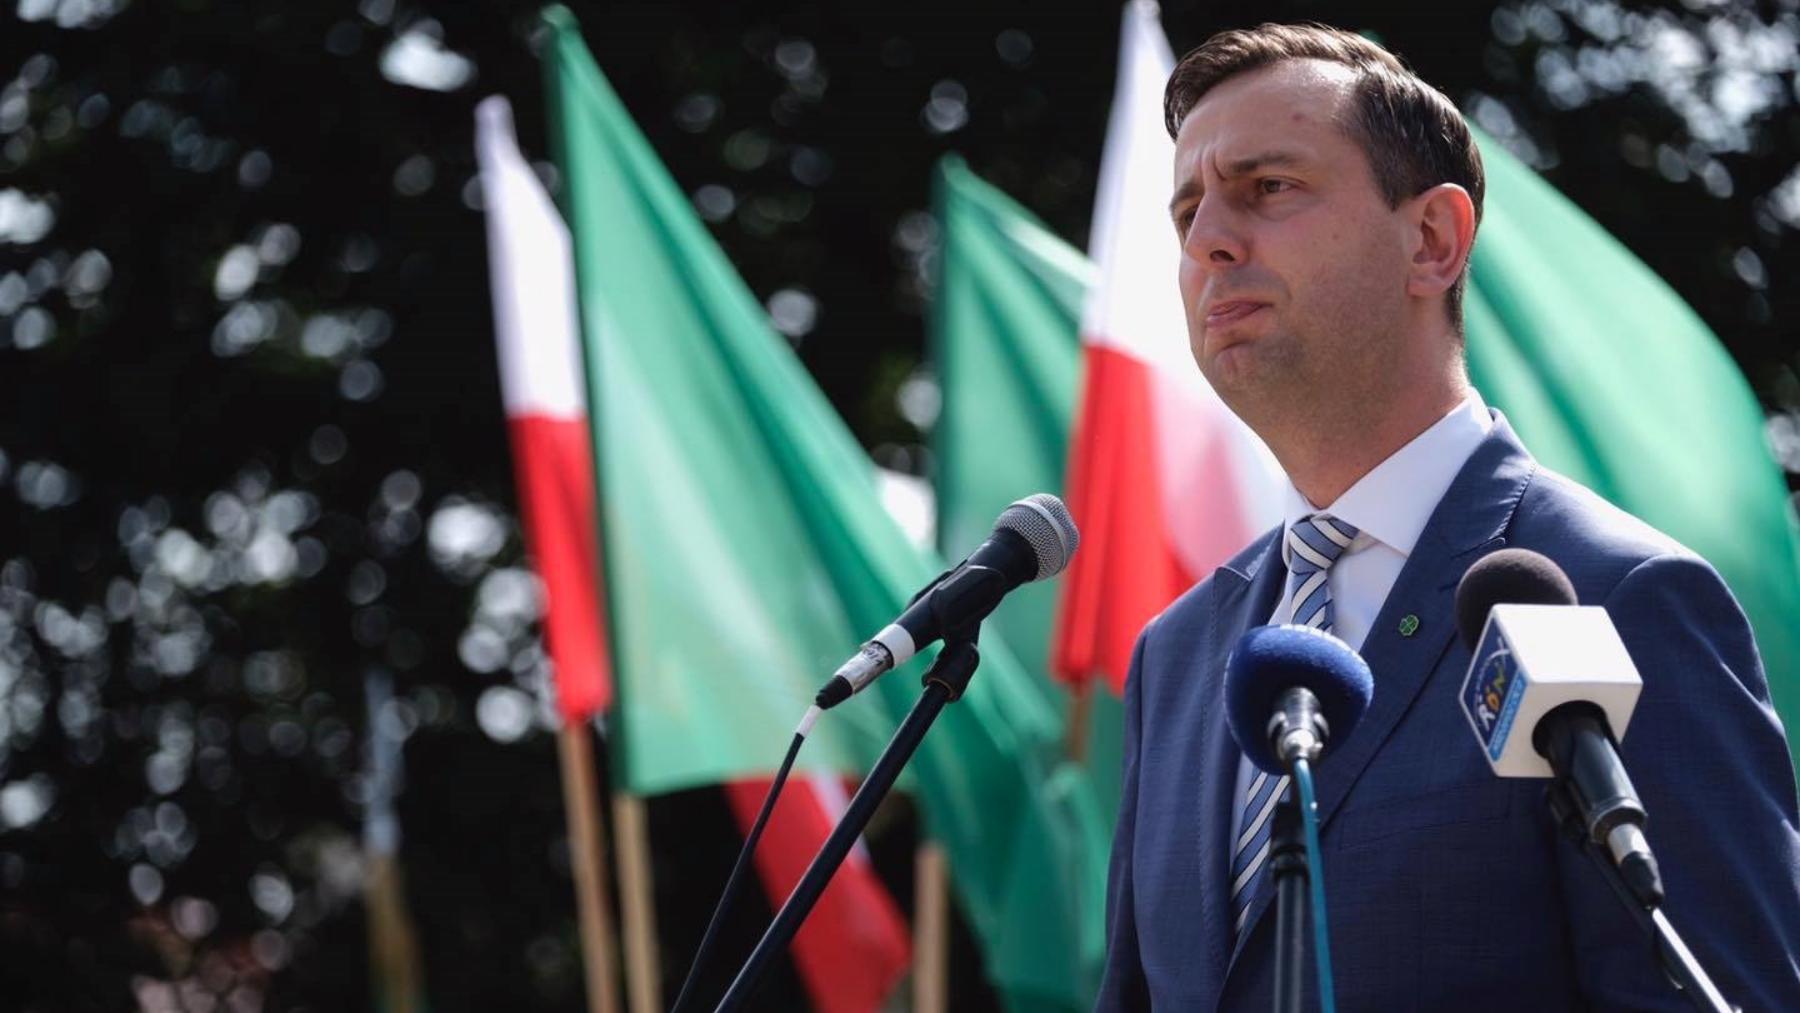 W jakim kształcie opozycja wygra z Kaczyńskim? Kosiniak-Kamysz odpowiada